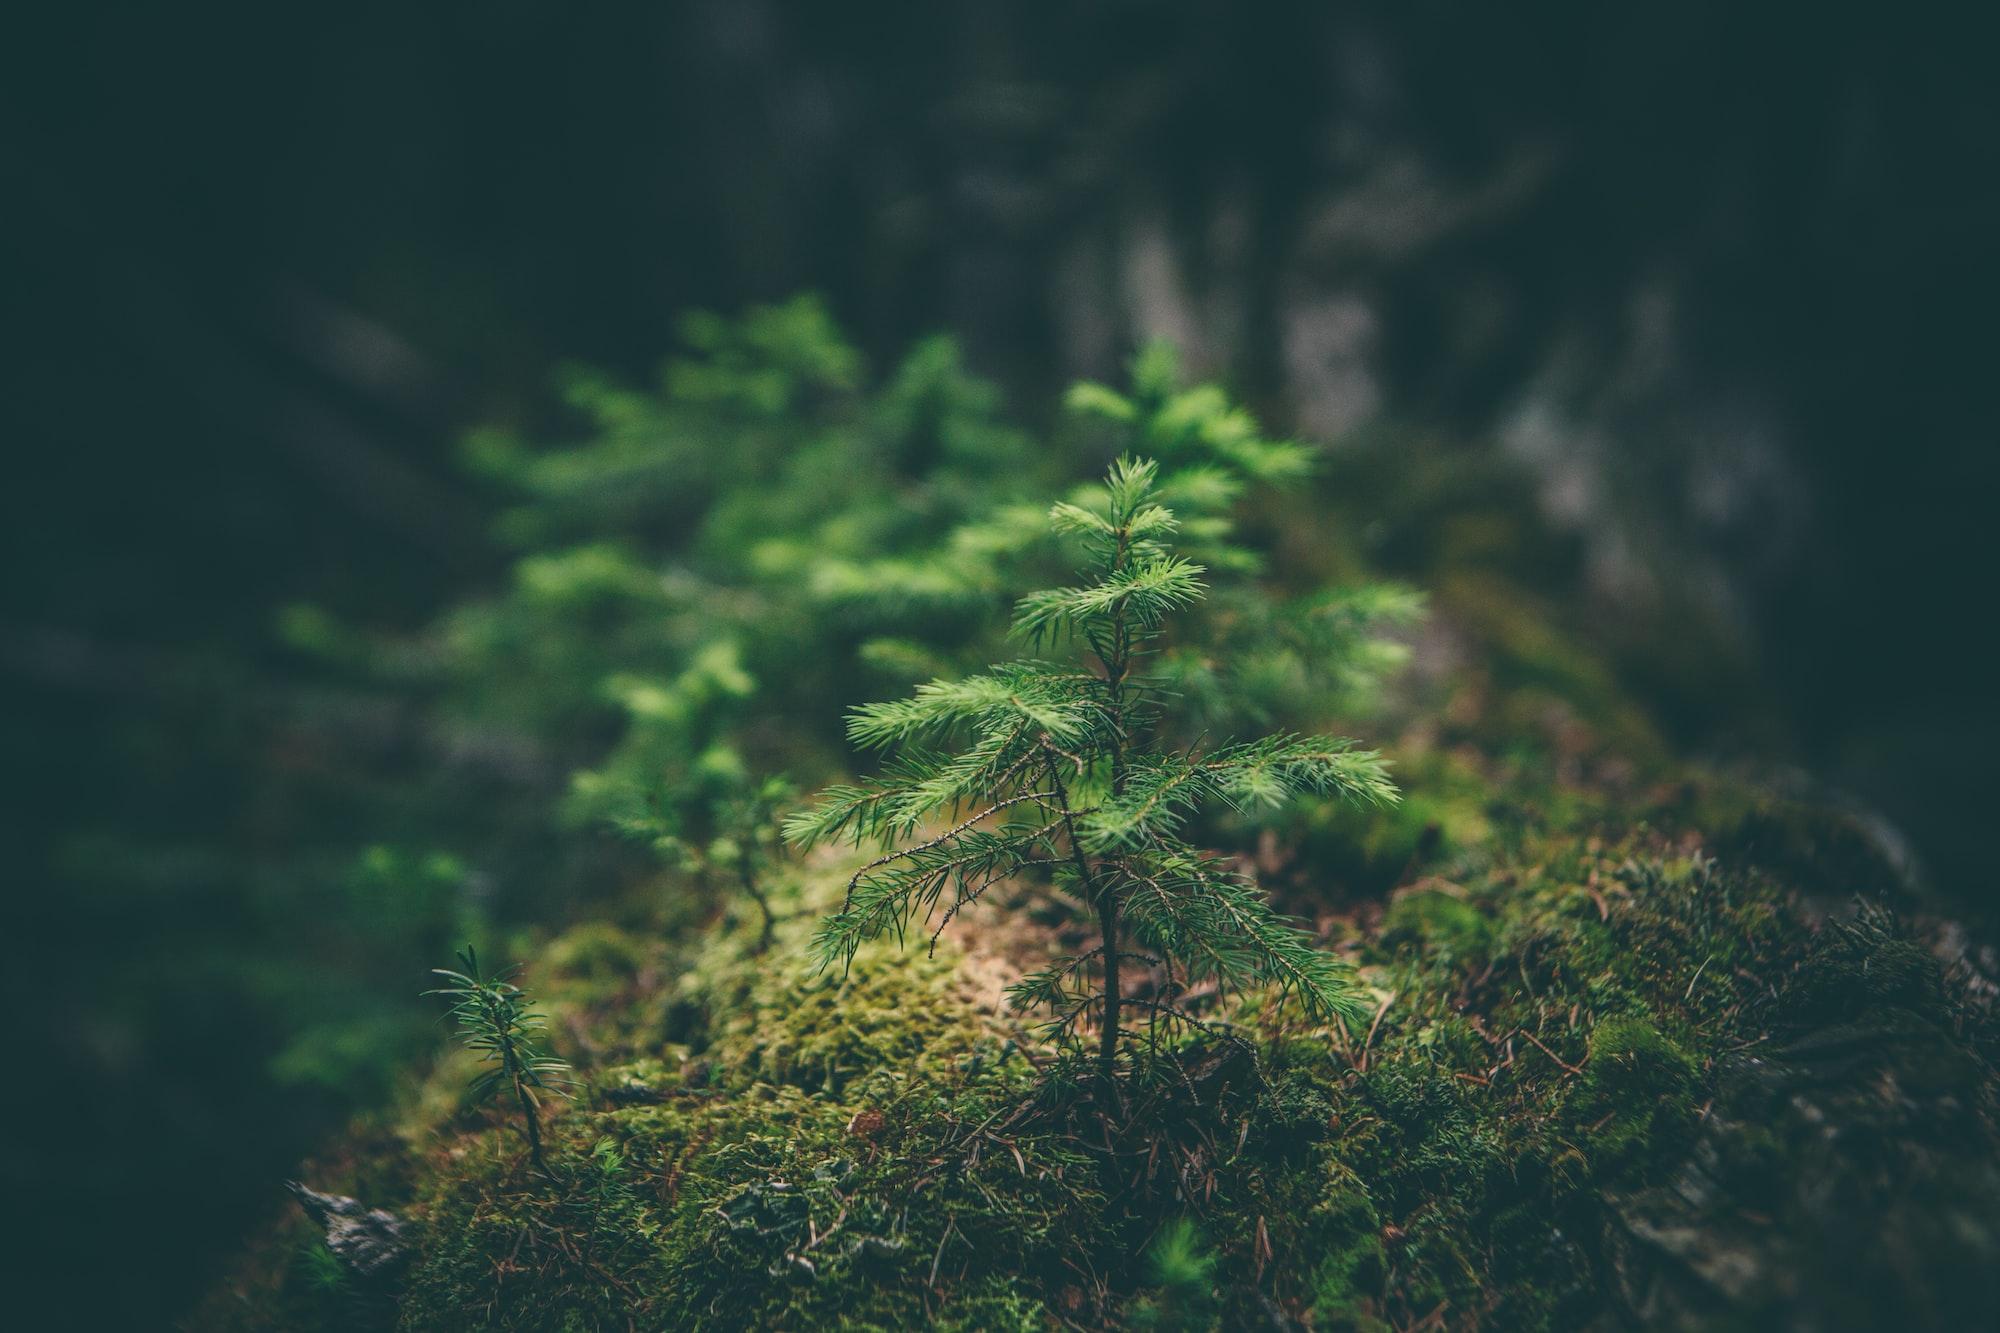 Как забронировать бизнес место своему партнеру в дереве?